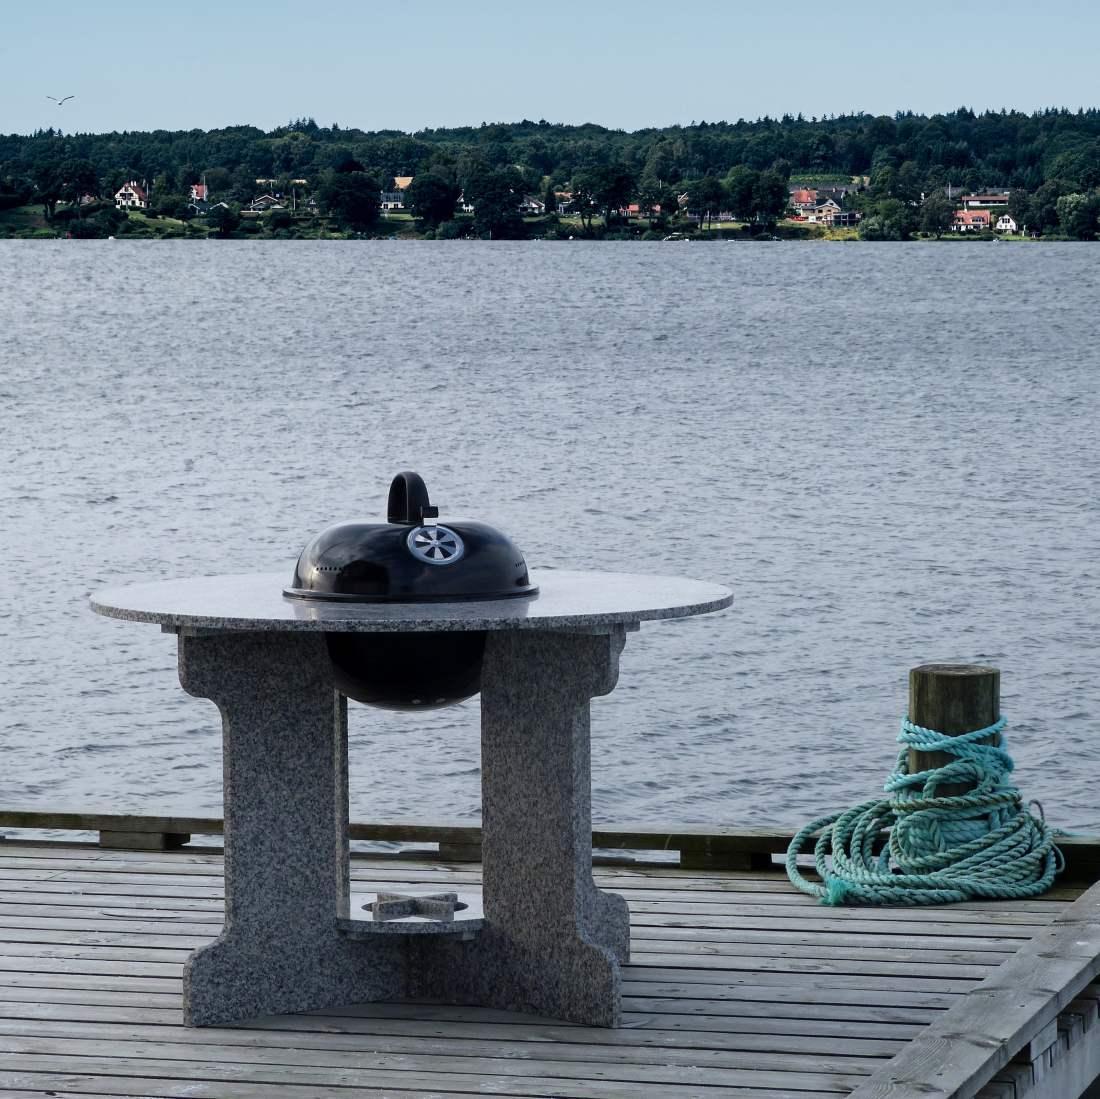 Kivist grill-laud on ilus ja praktiline valik igasse koduaeda